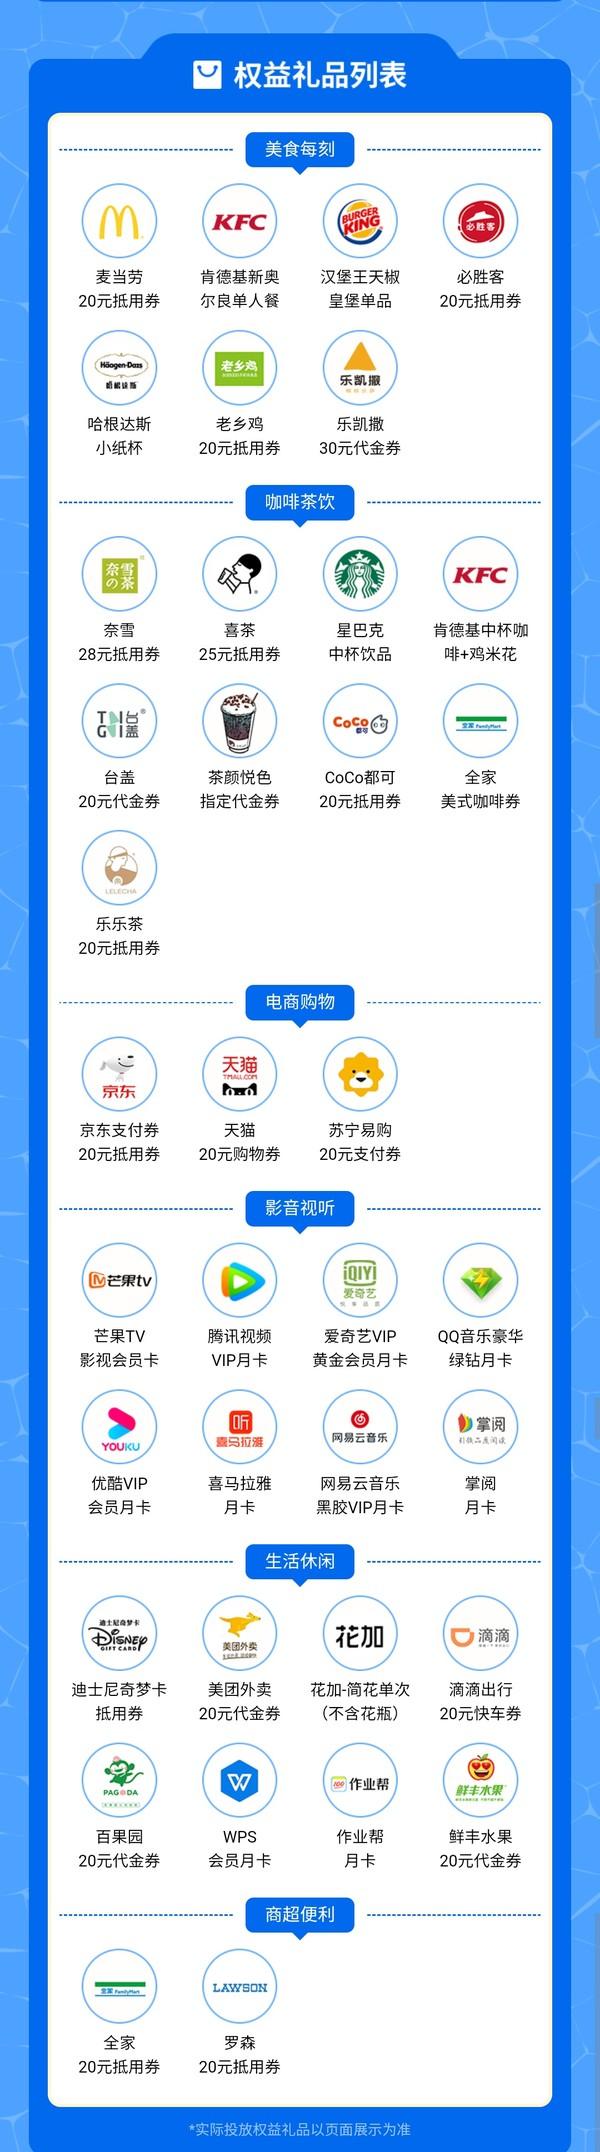 中信银行 5-8月9积分享兑活动